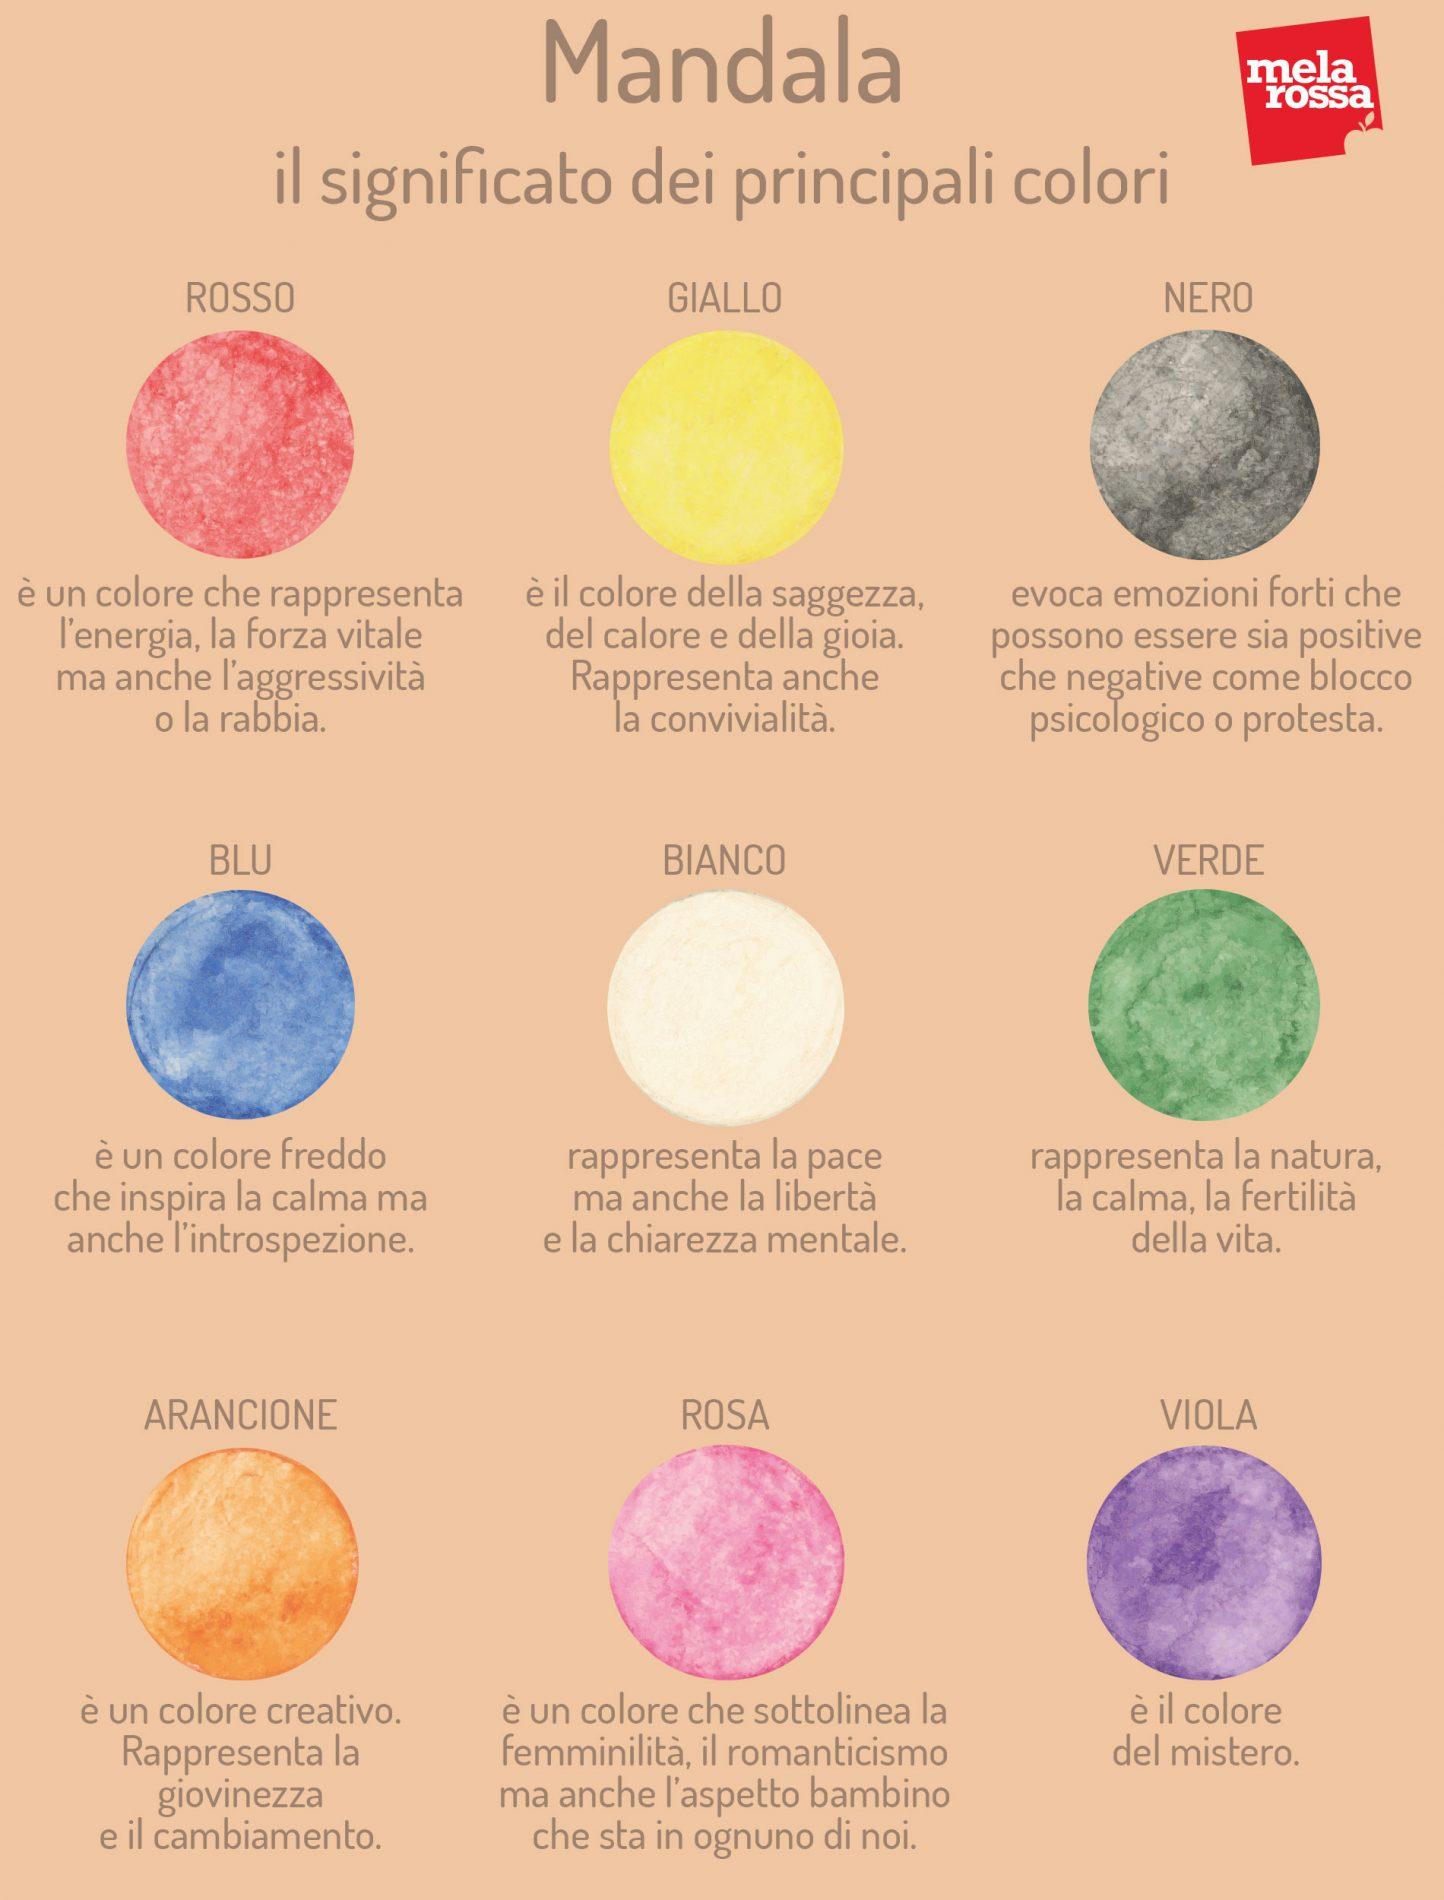 Mandala: significato dei colori